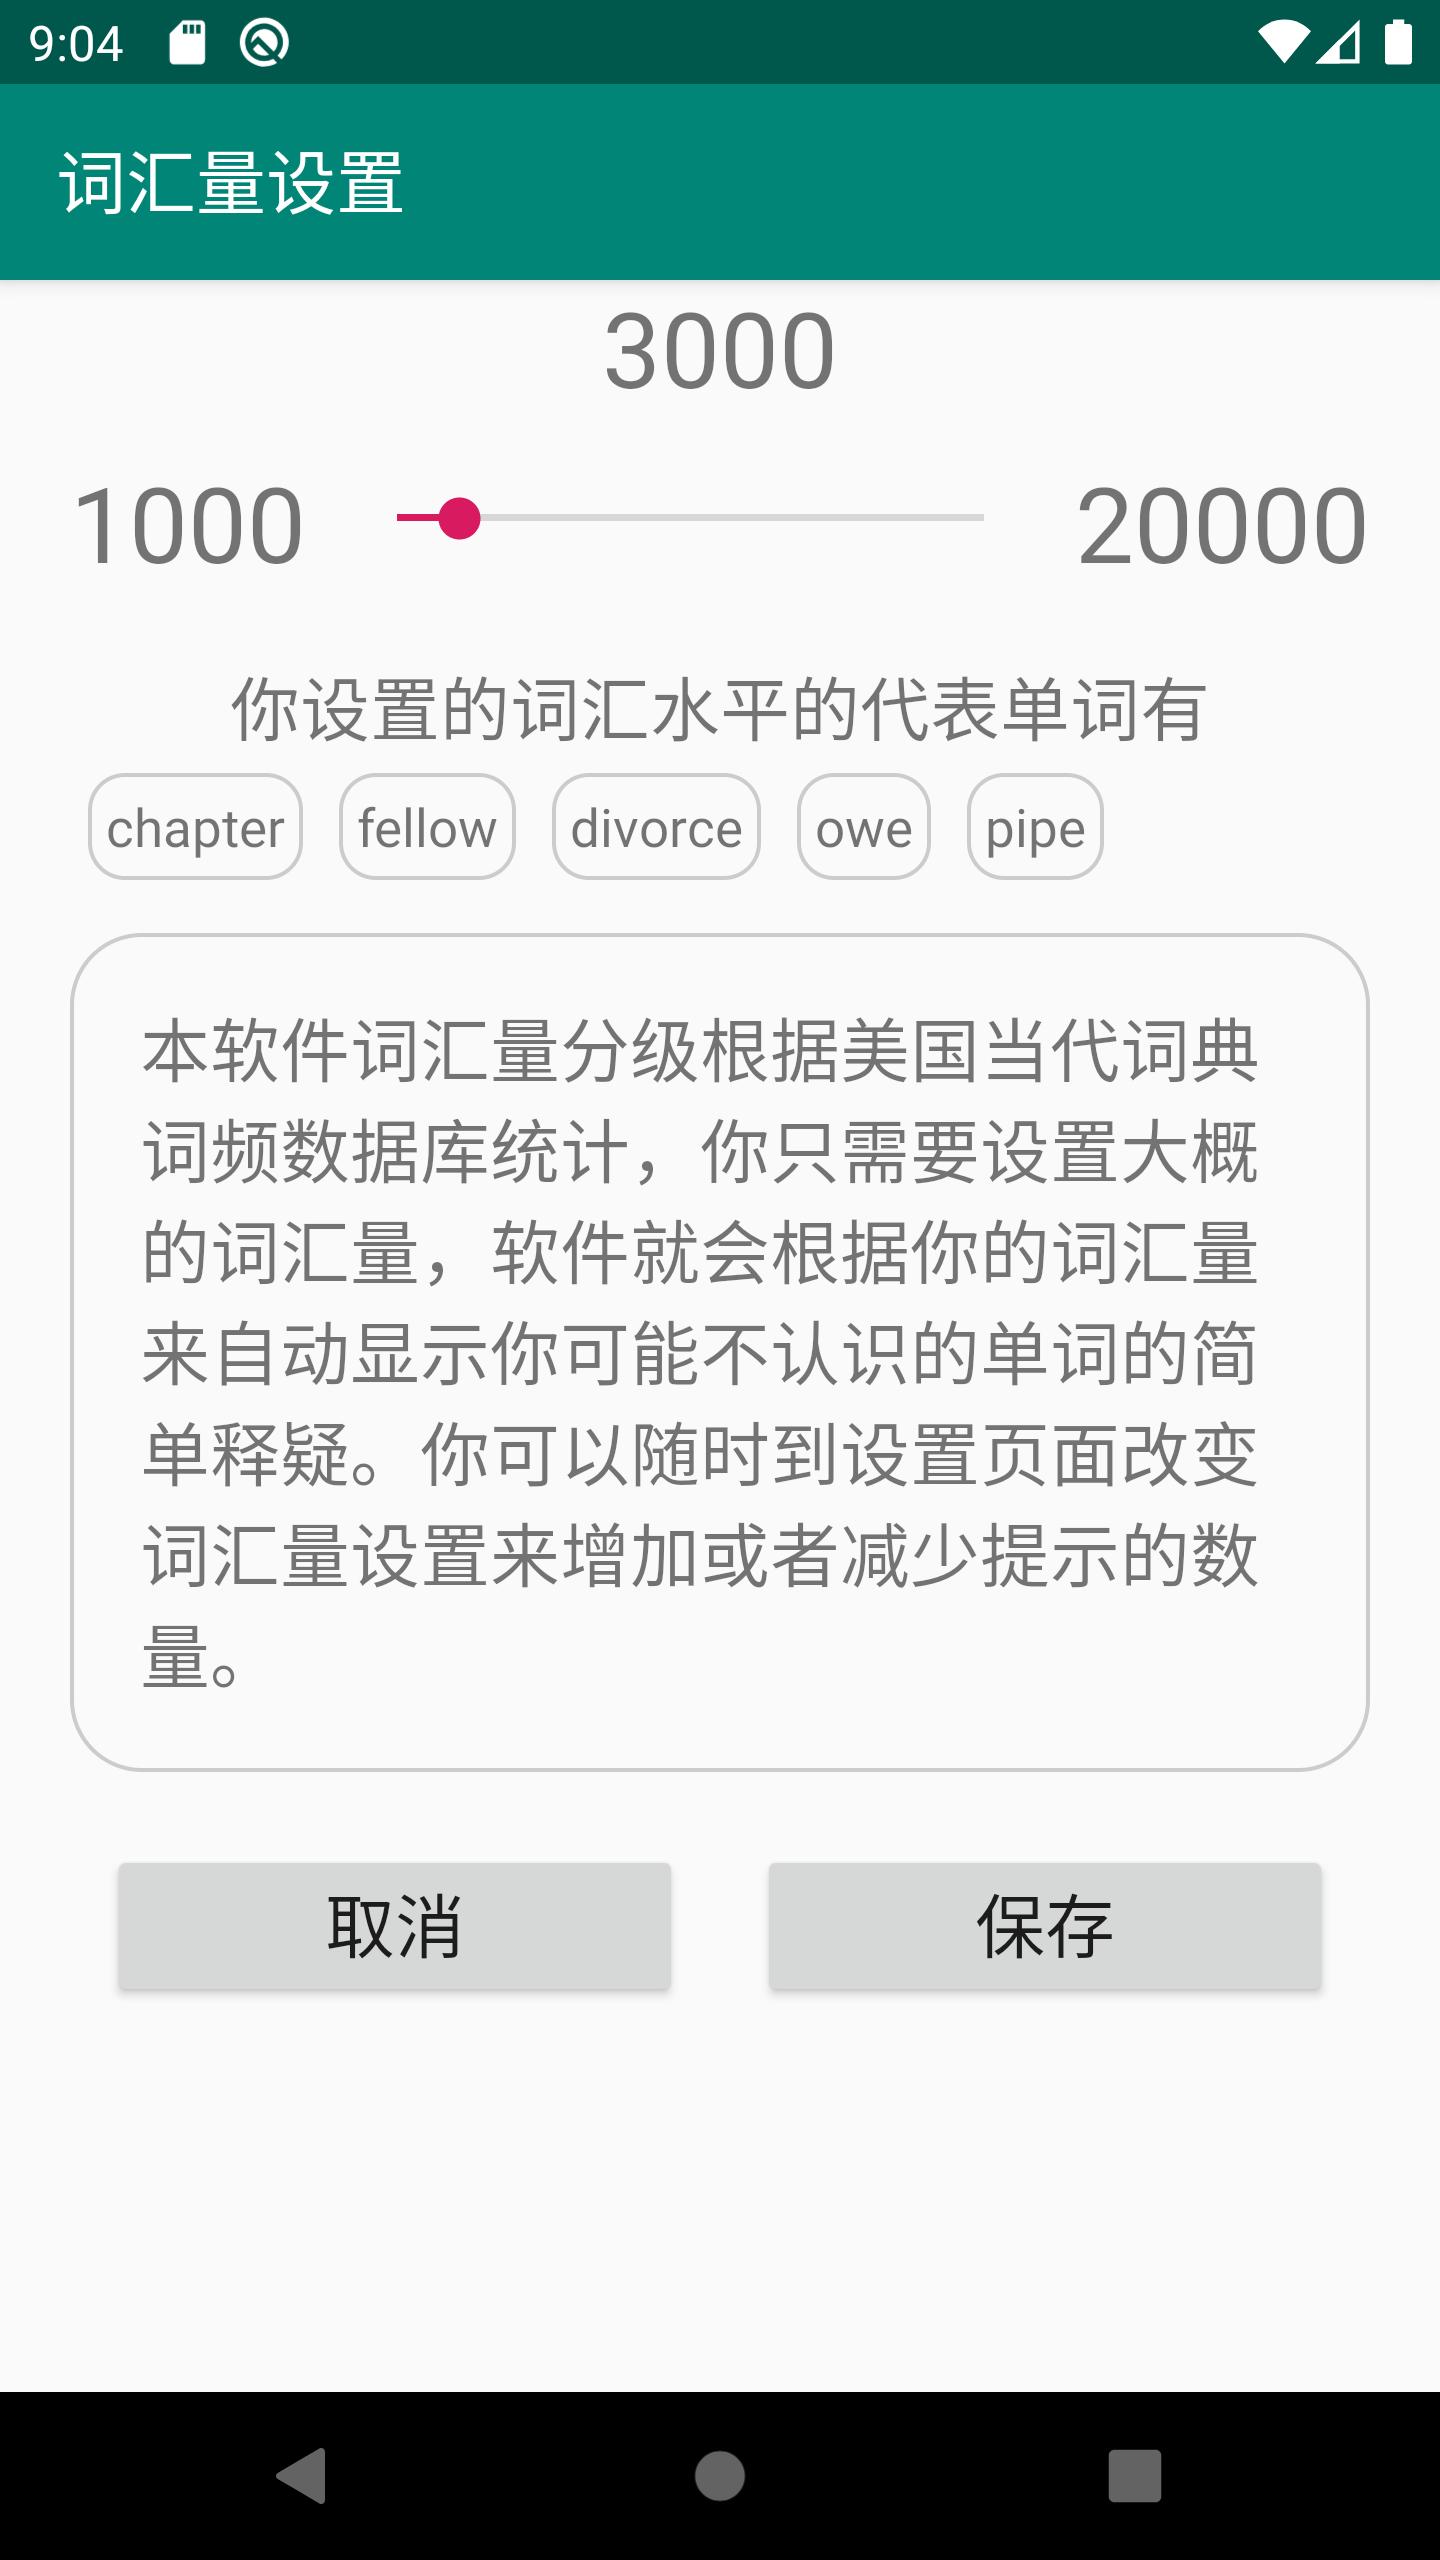 英语轻松读app官方下载_英语轻松读安卓版下载v1.0截图2